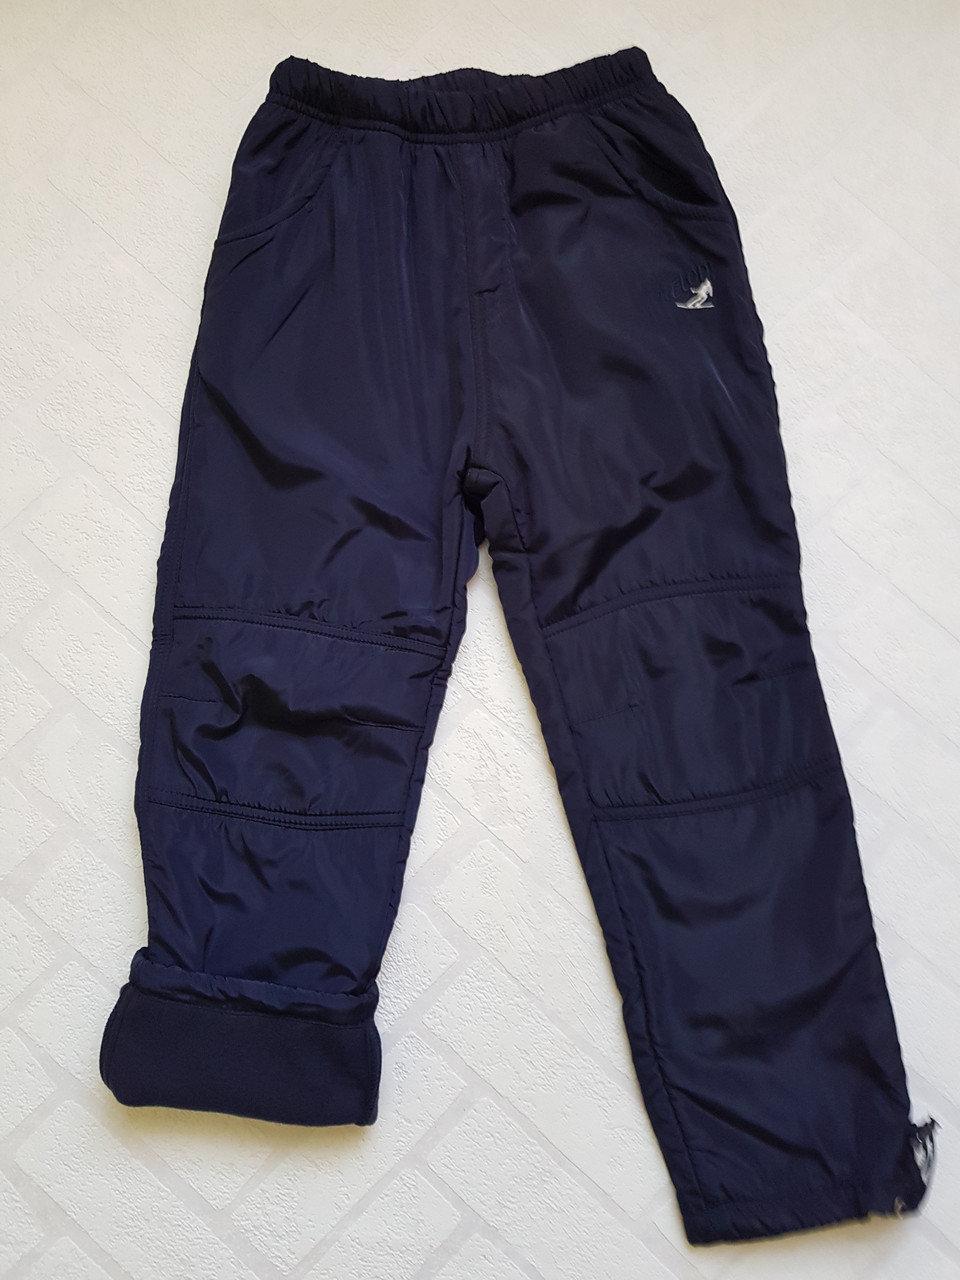 Балоневые утеплённые штаны на флисе для мальчиков,размеры 134-164 см.Фирма TAURUS.Венгрия